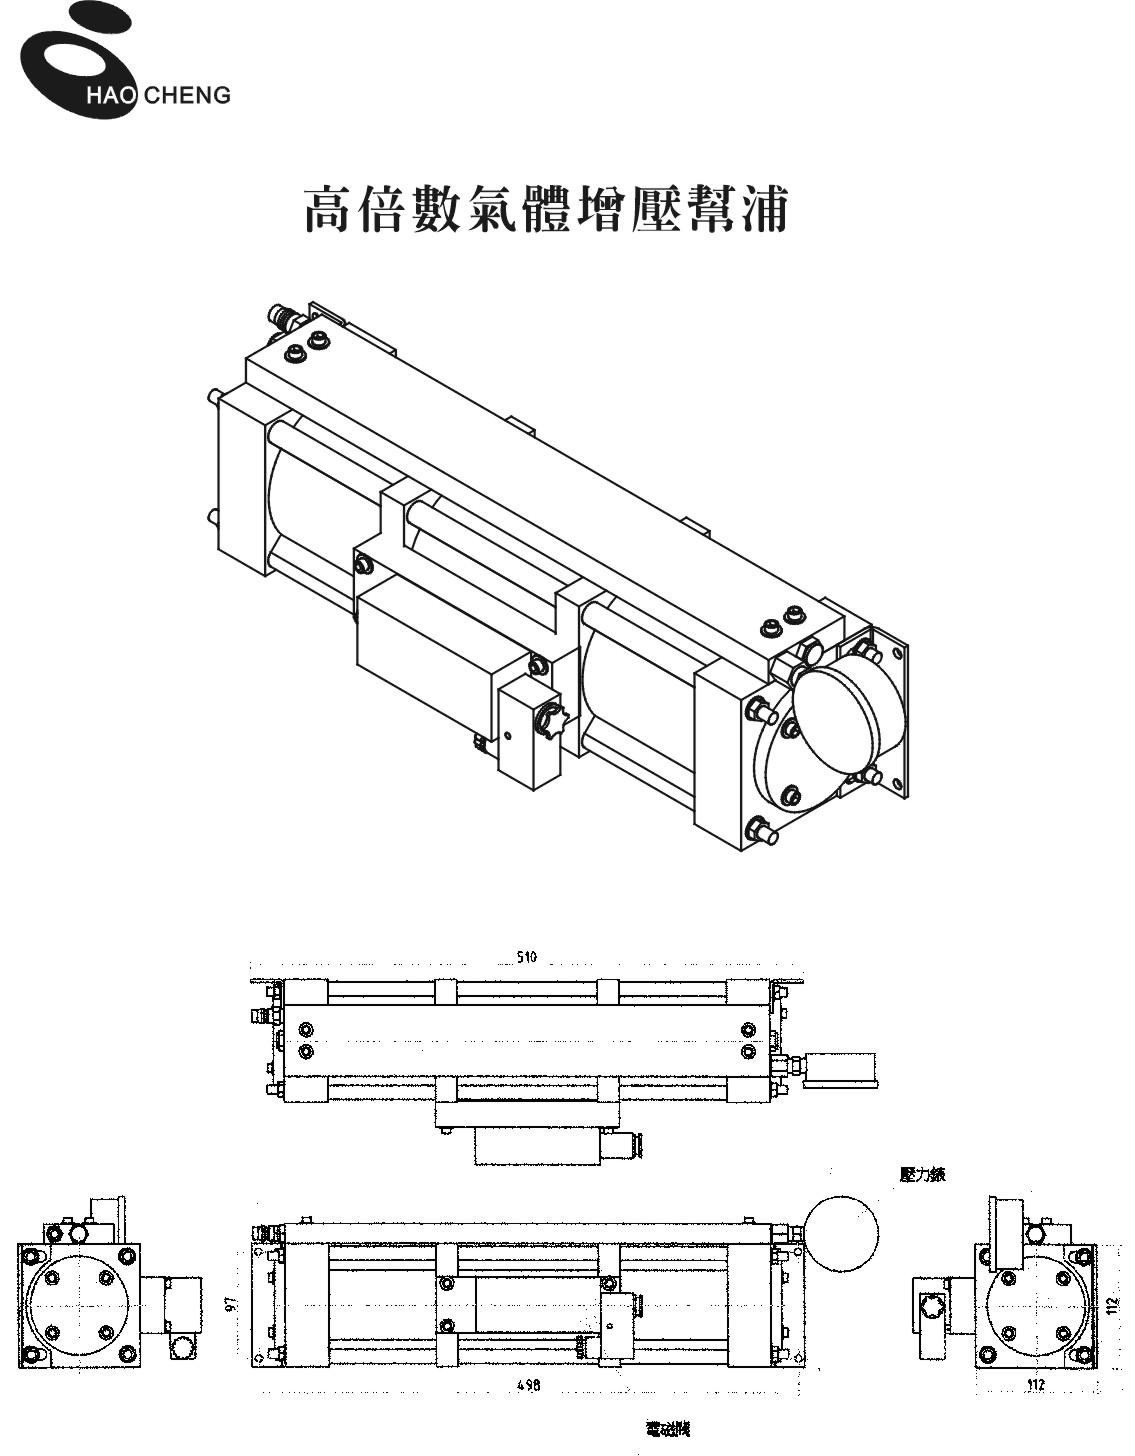 Pneumatic pressure-booster pumps